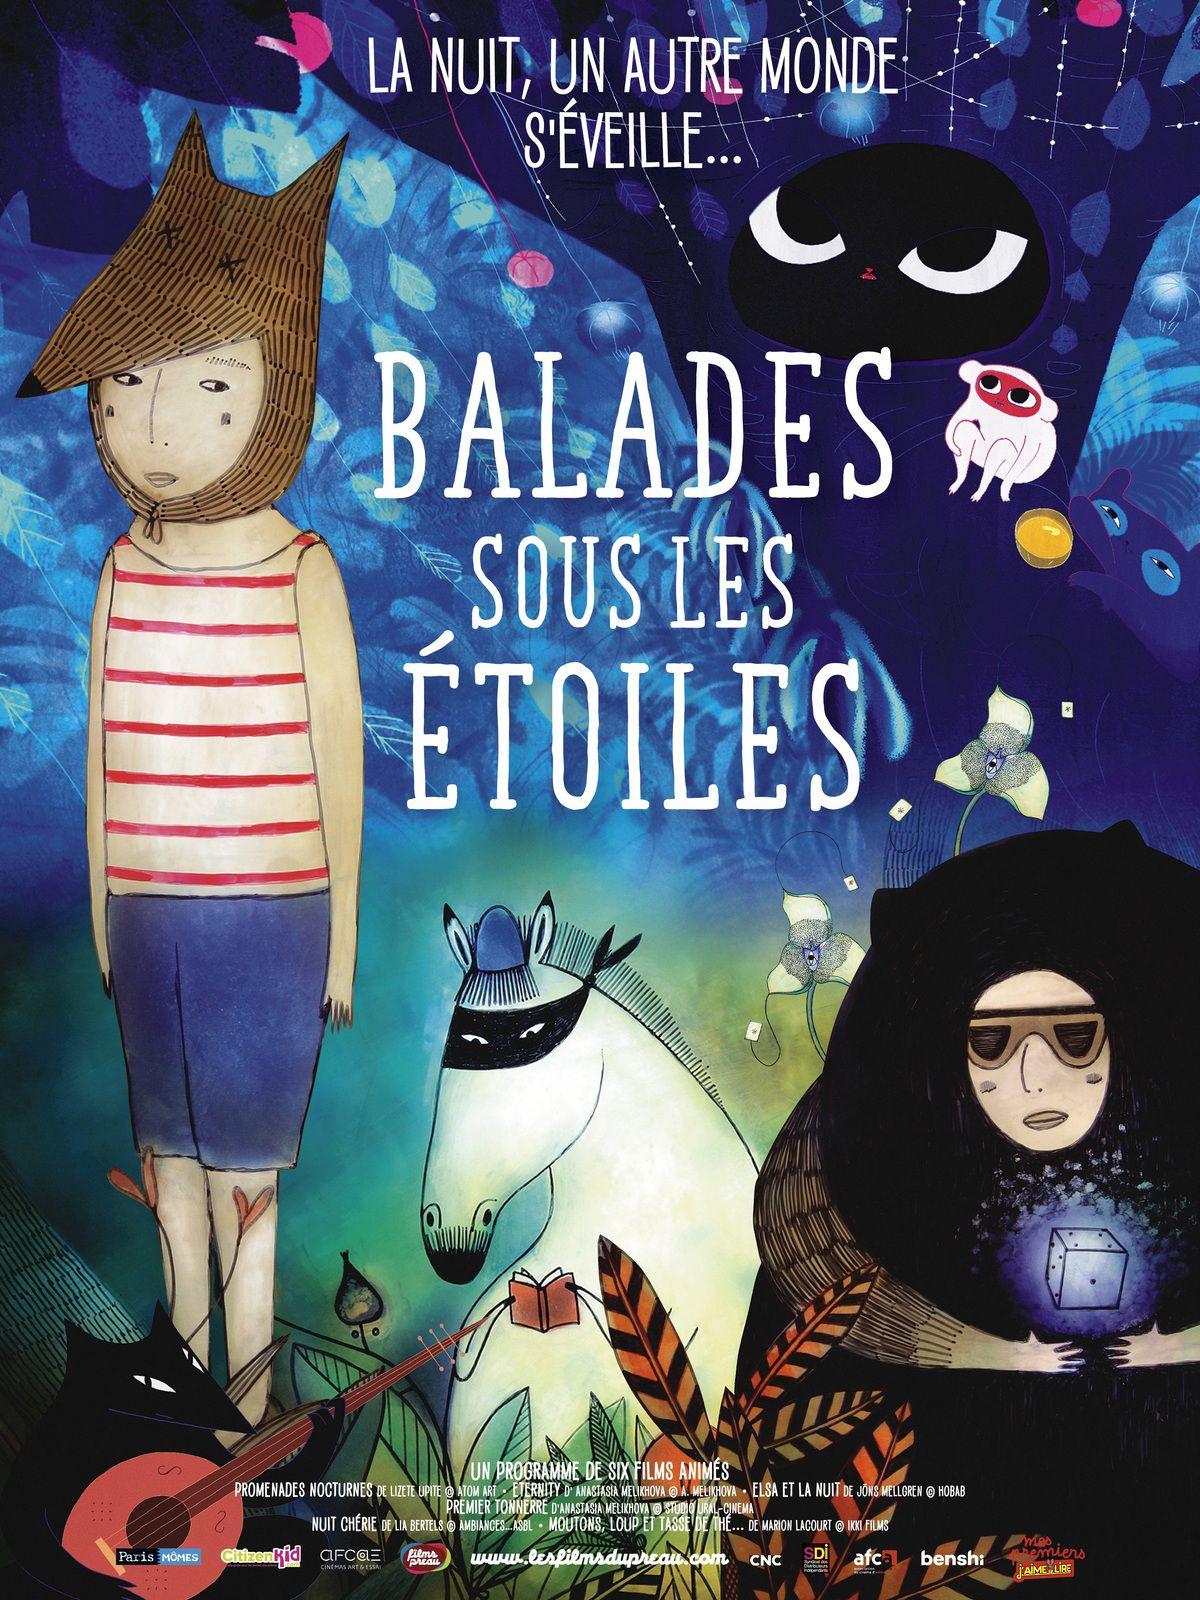 Balades sous les étoiles (BANDE-ANNONCE) Le 23 septembre 2020 au cinéma